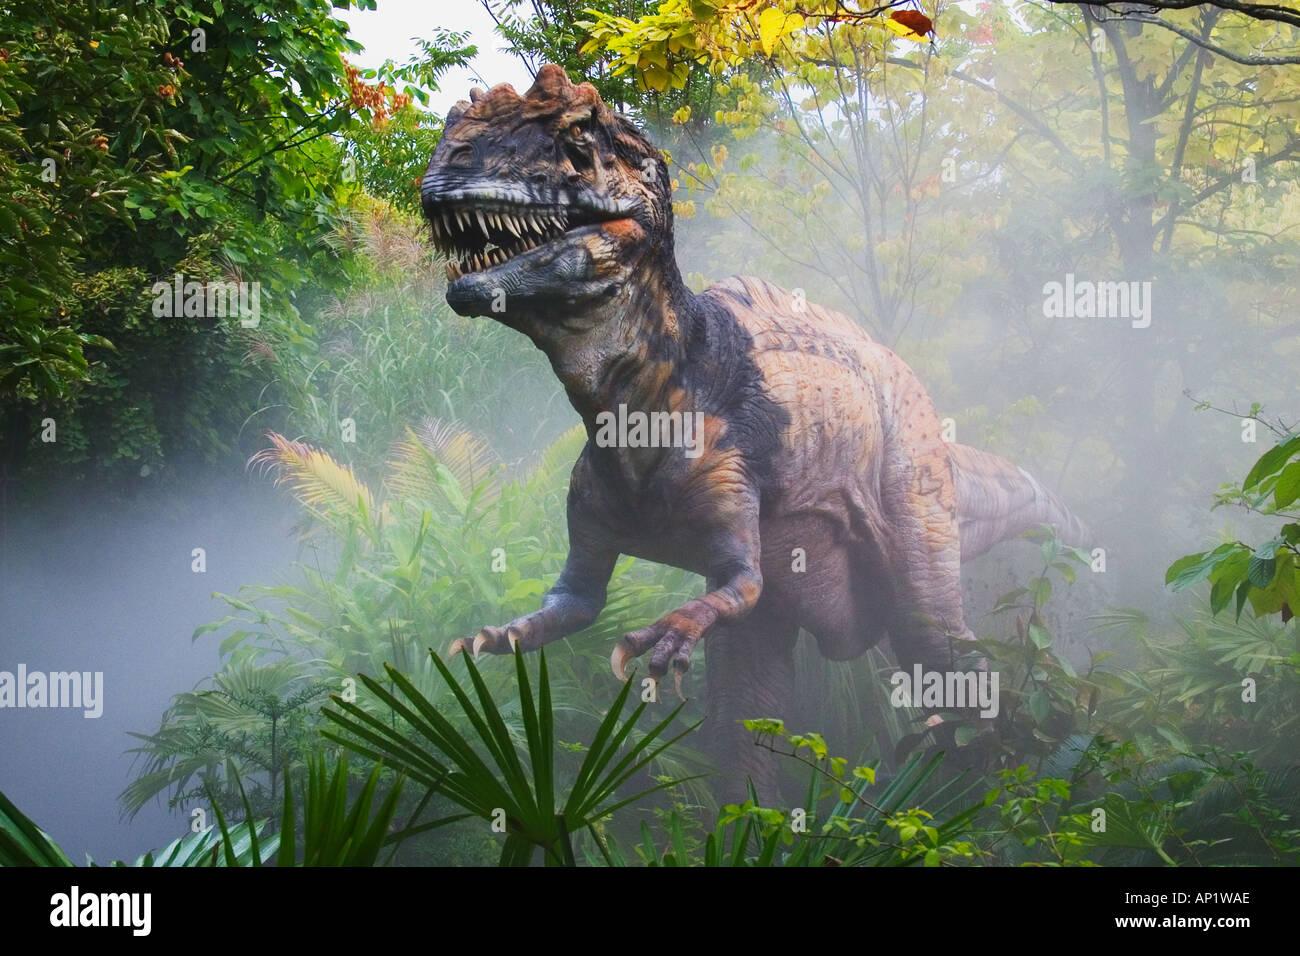 Metriacanthosaurus que significa moderadamente vinculado dinosaurio del Jurásico va a una longitud de 27 pies y nos Imagen De Stock